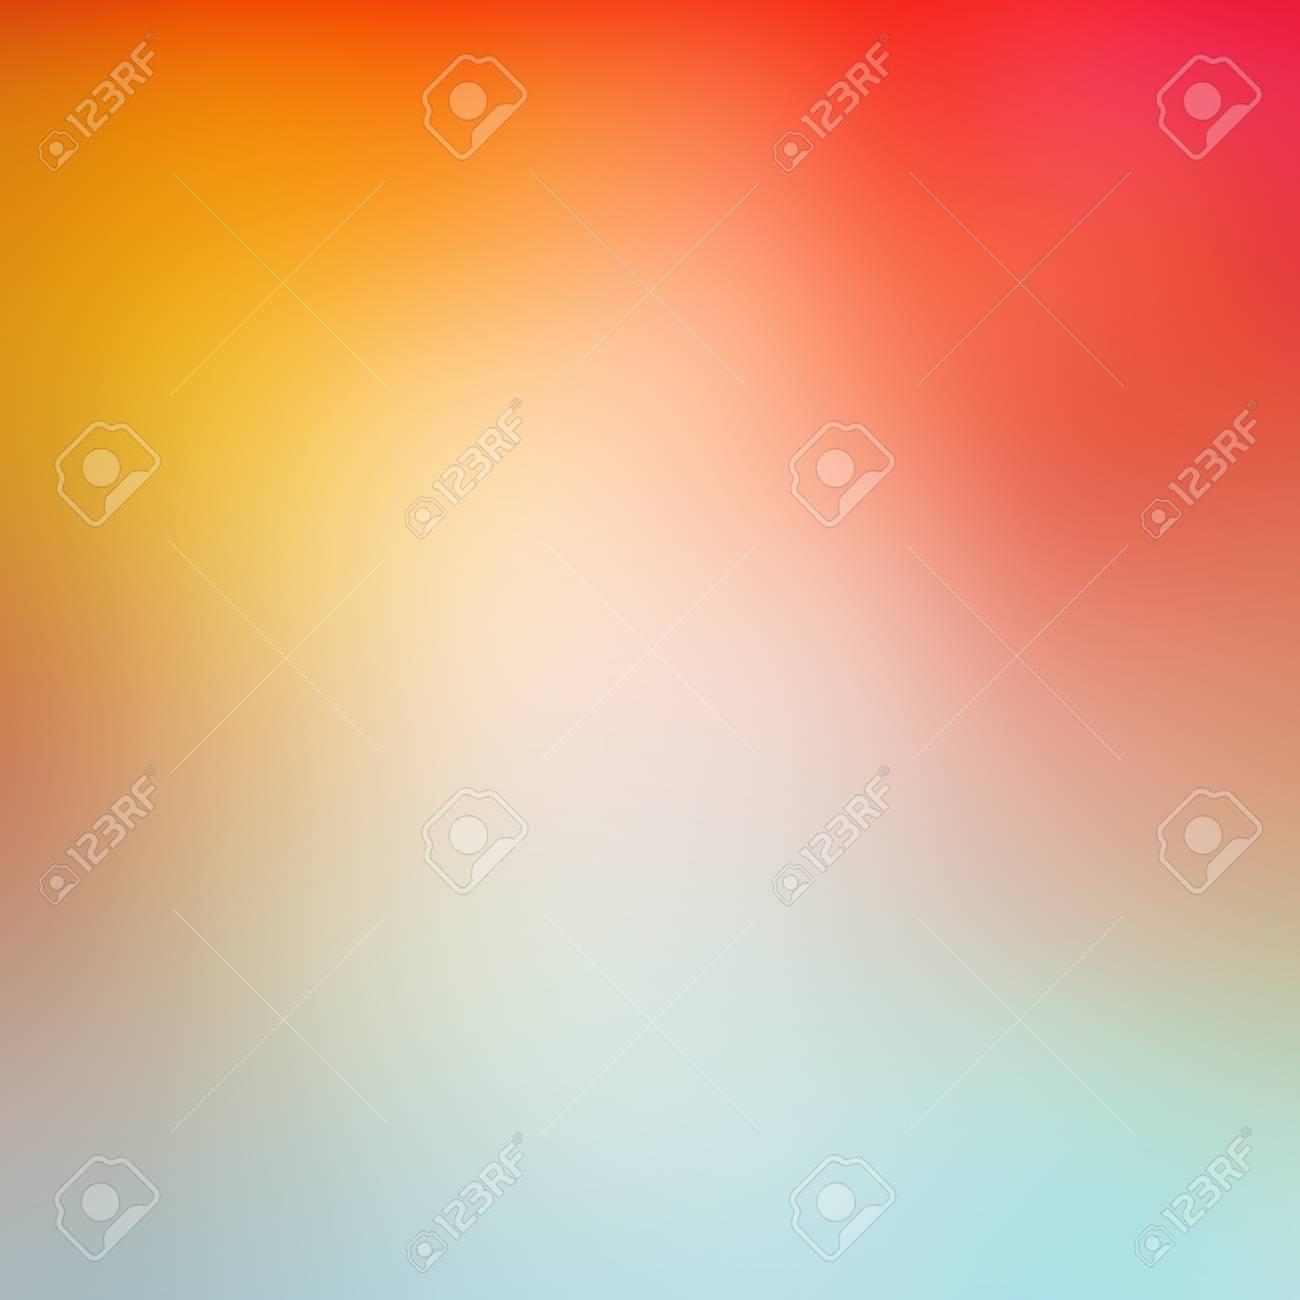 Flou de fond texturé lisse vibrant abstrait, fond de couleur dégradé orange  jaune rouge et bleu coloré